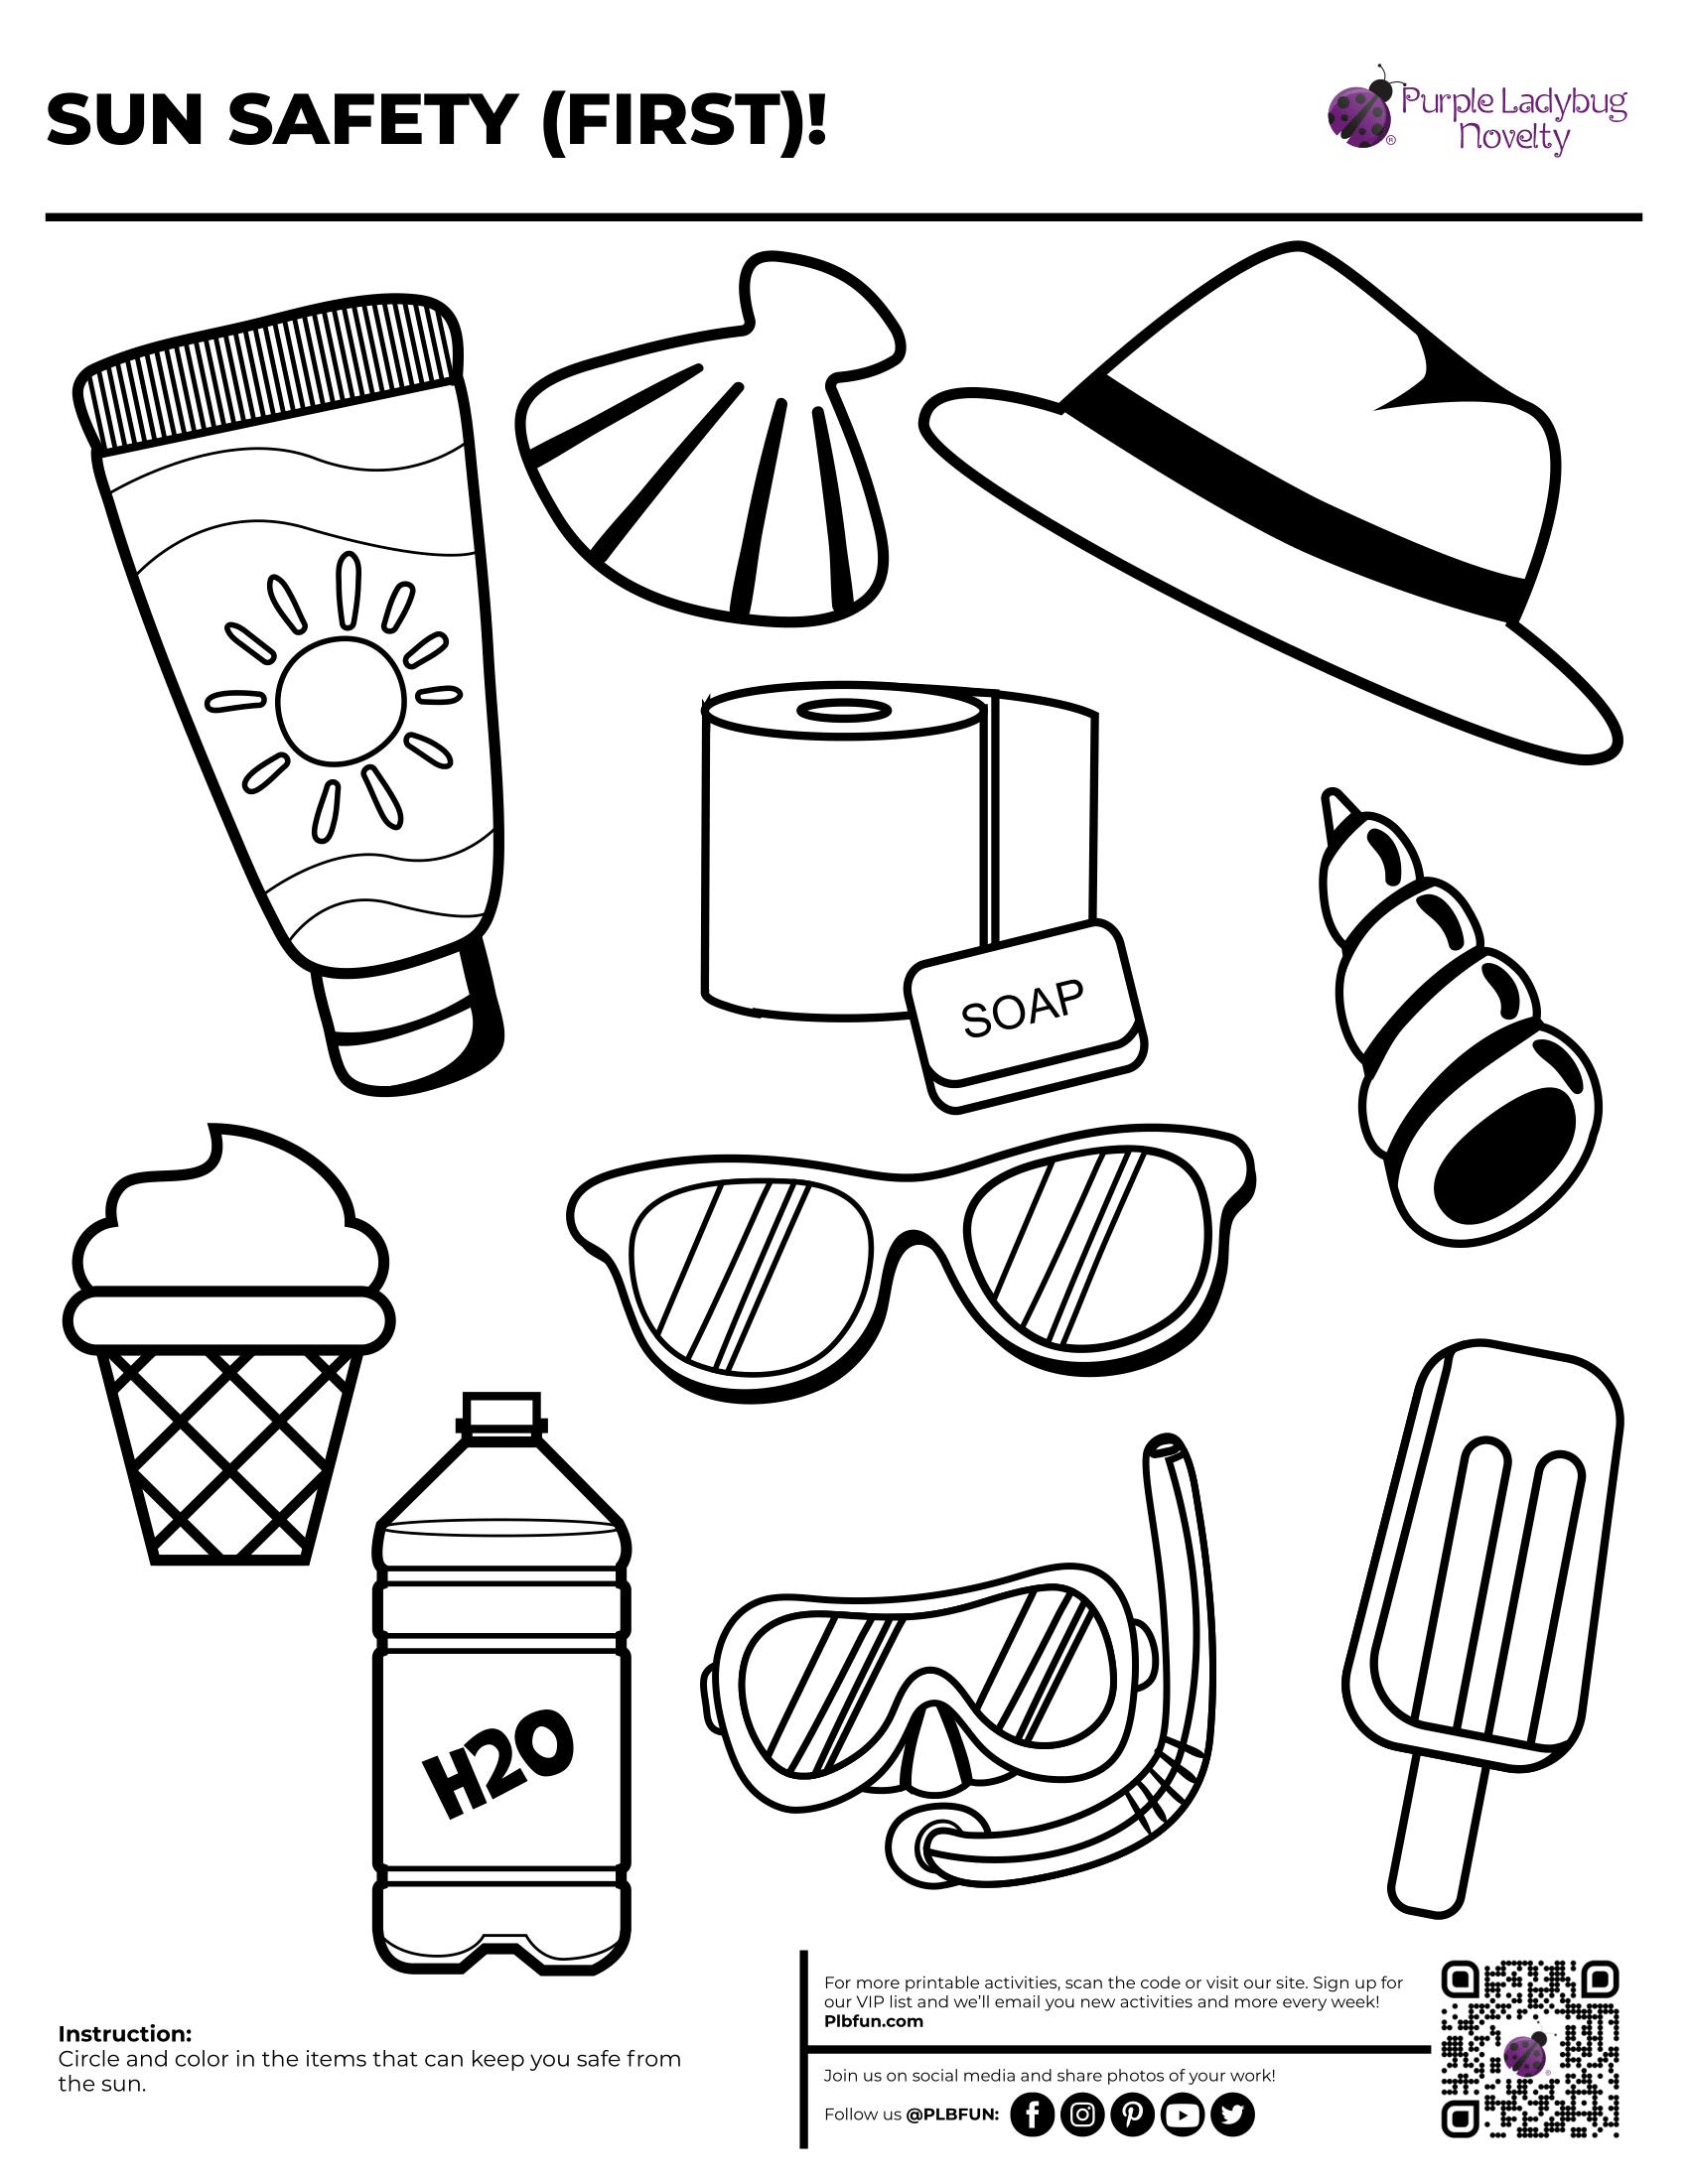 Sun Safety Checklist By Plbfun In